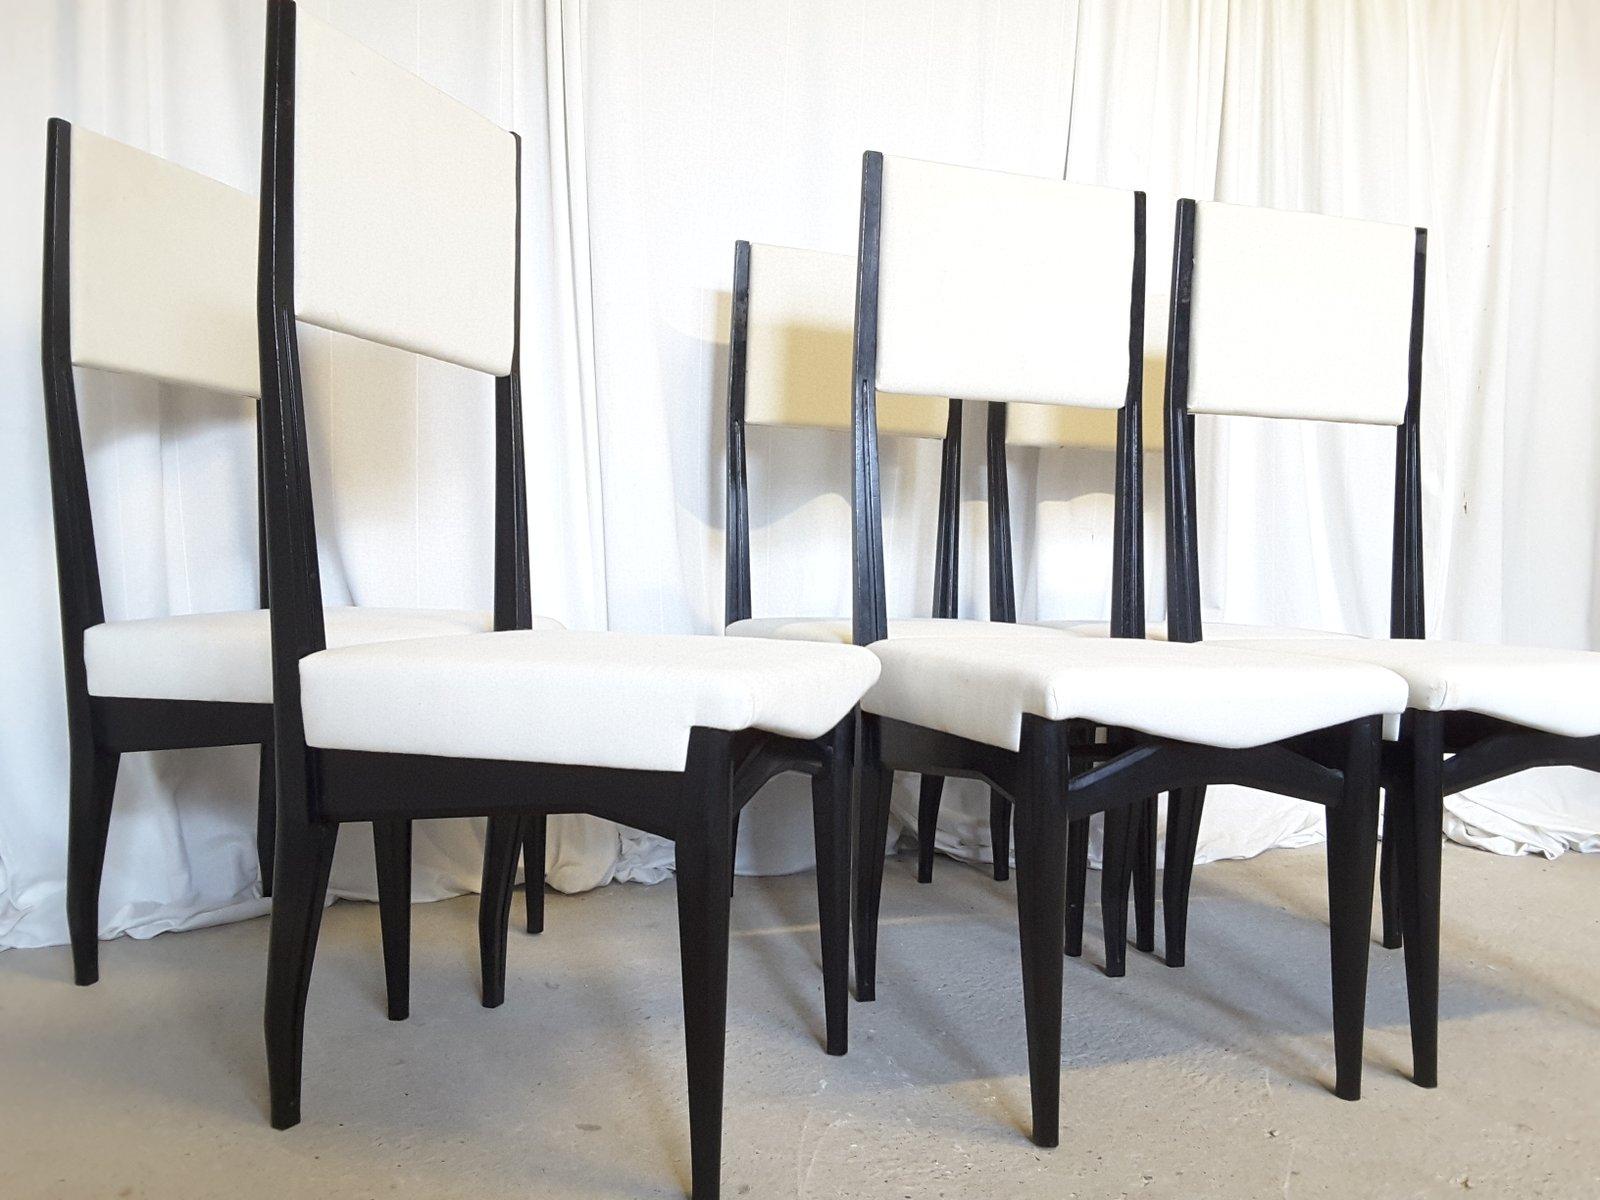 italienische esszimmerst hle mit hoher r ckenlehne 1950er. Black Bedroom Furniture Sets. Home Design Ideas